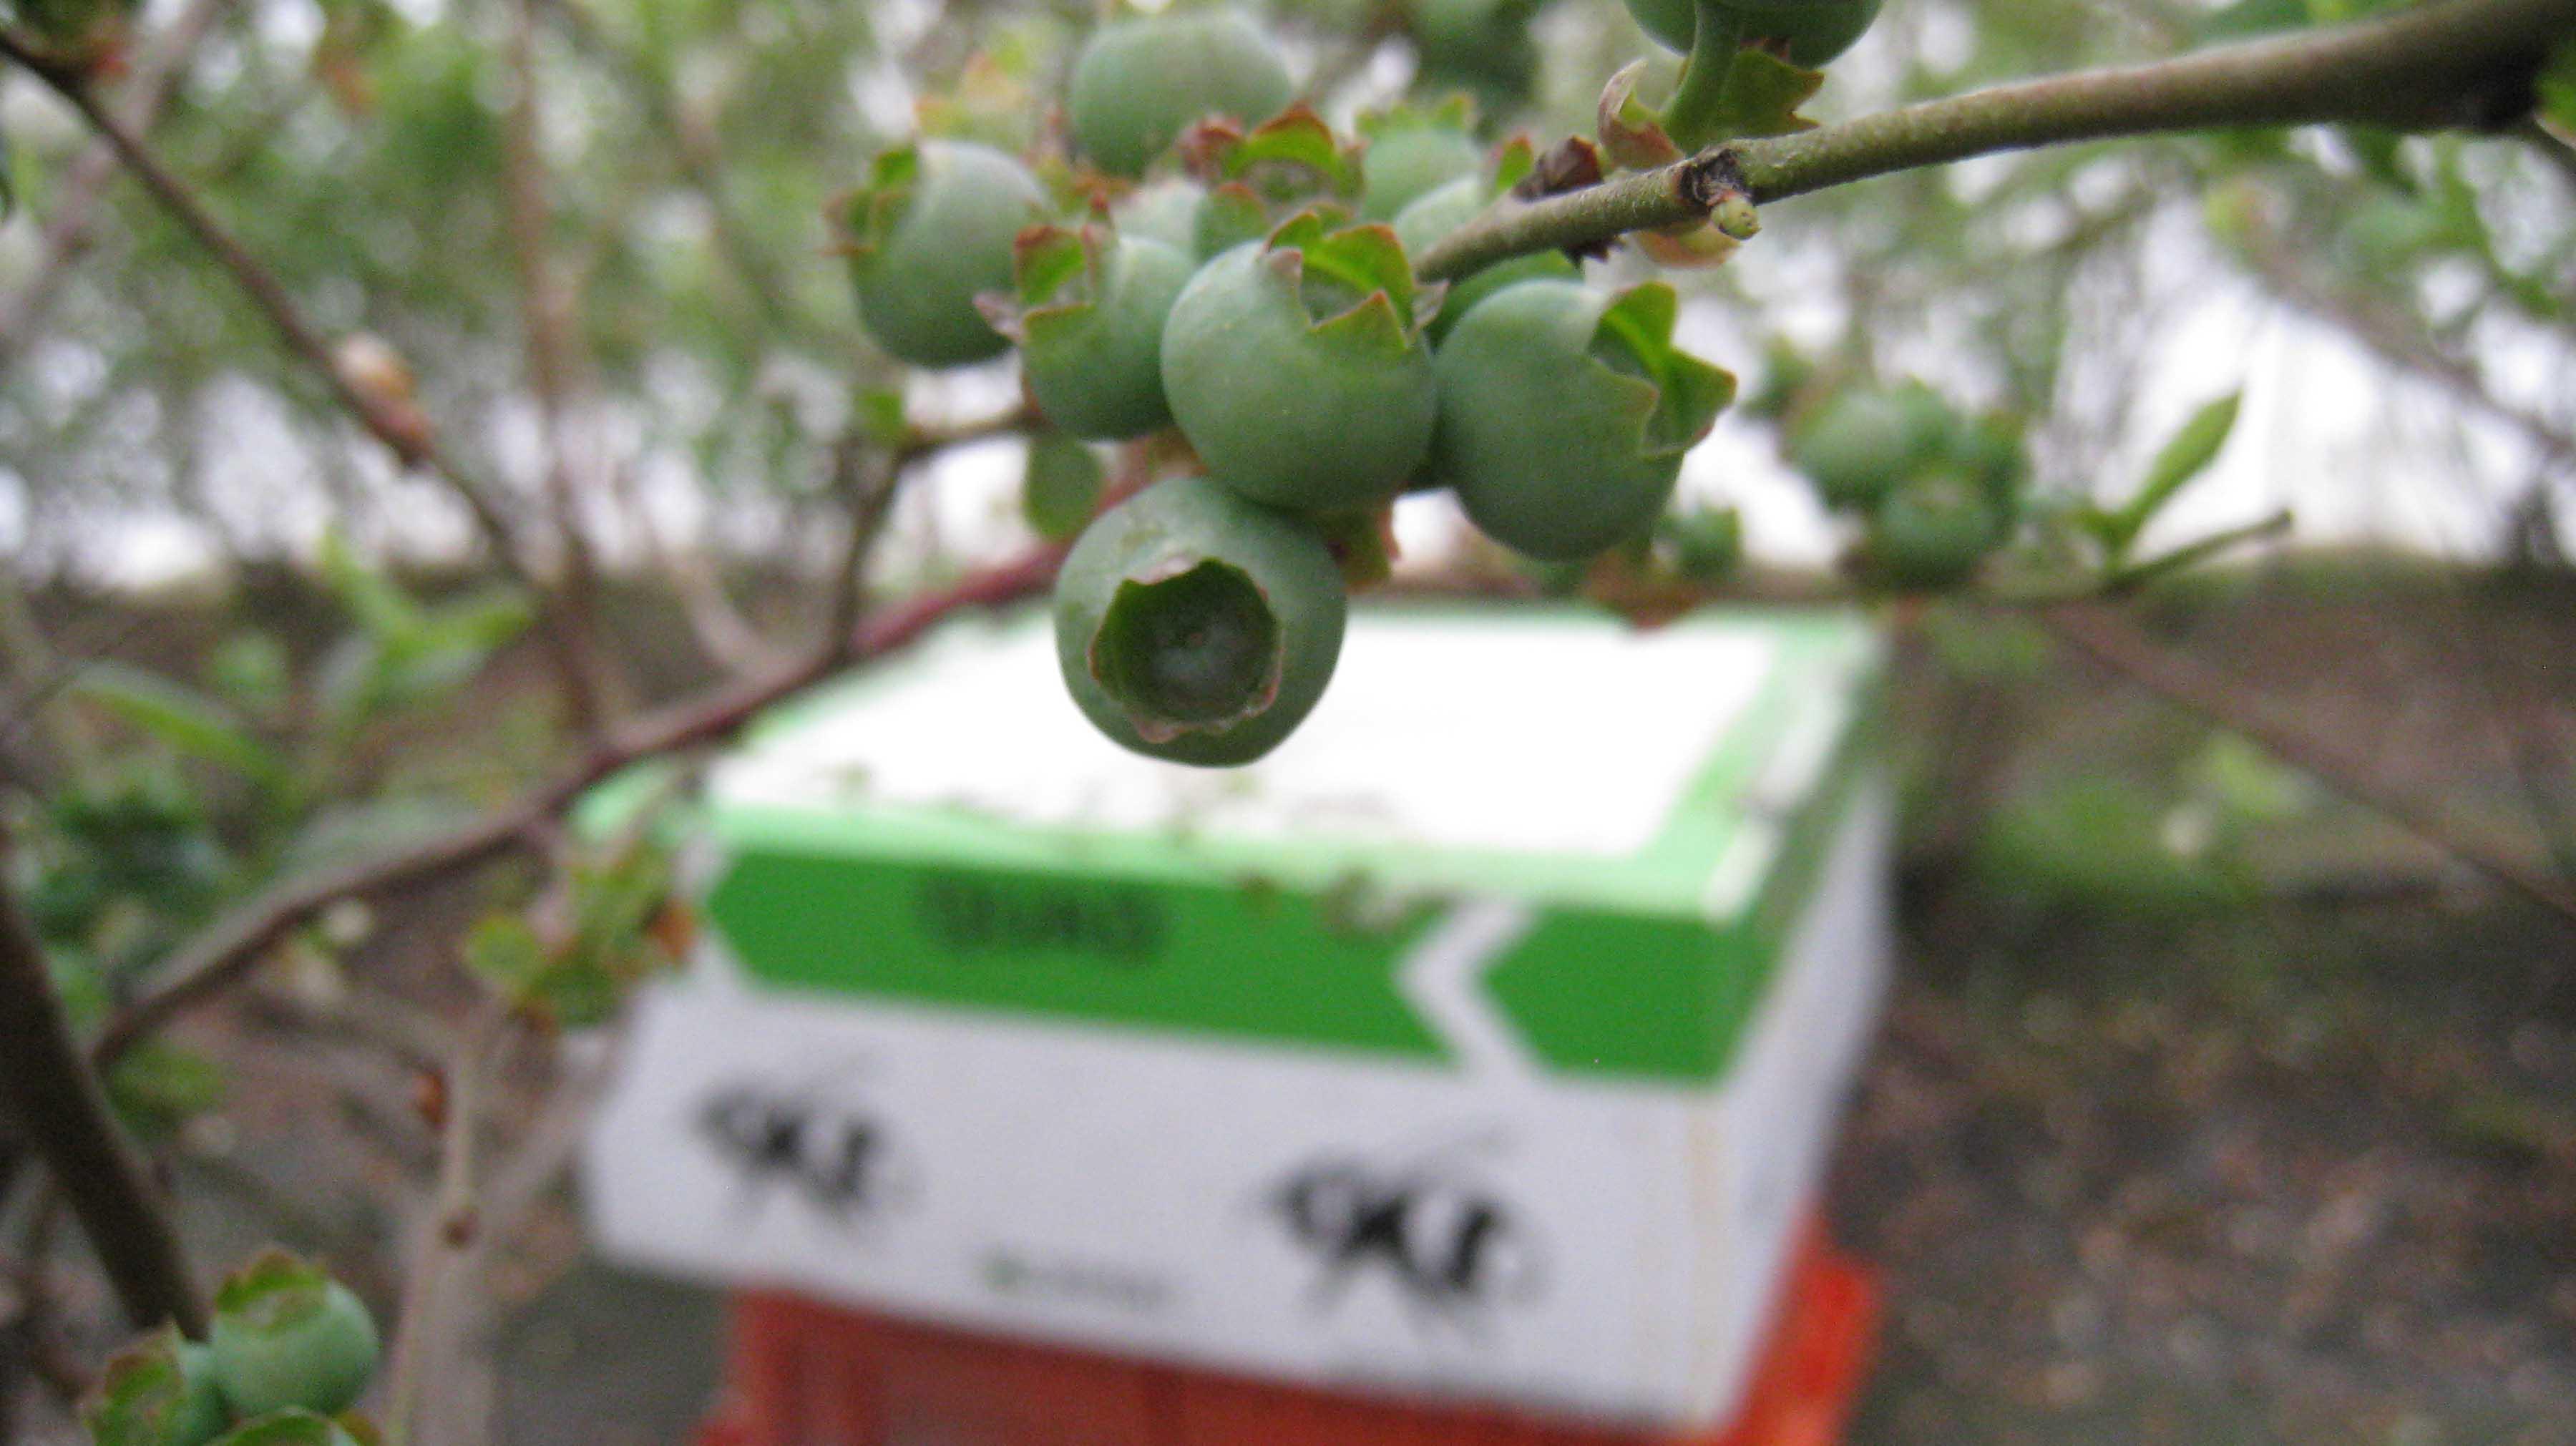 More Green Berries